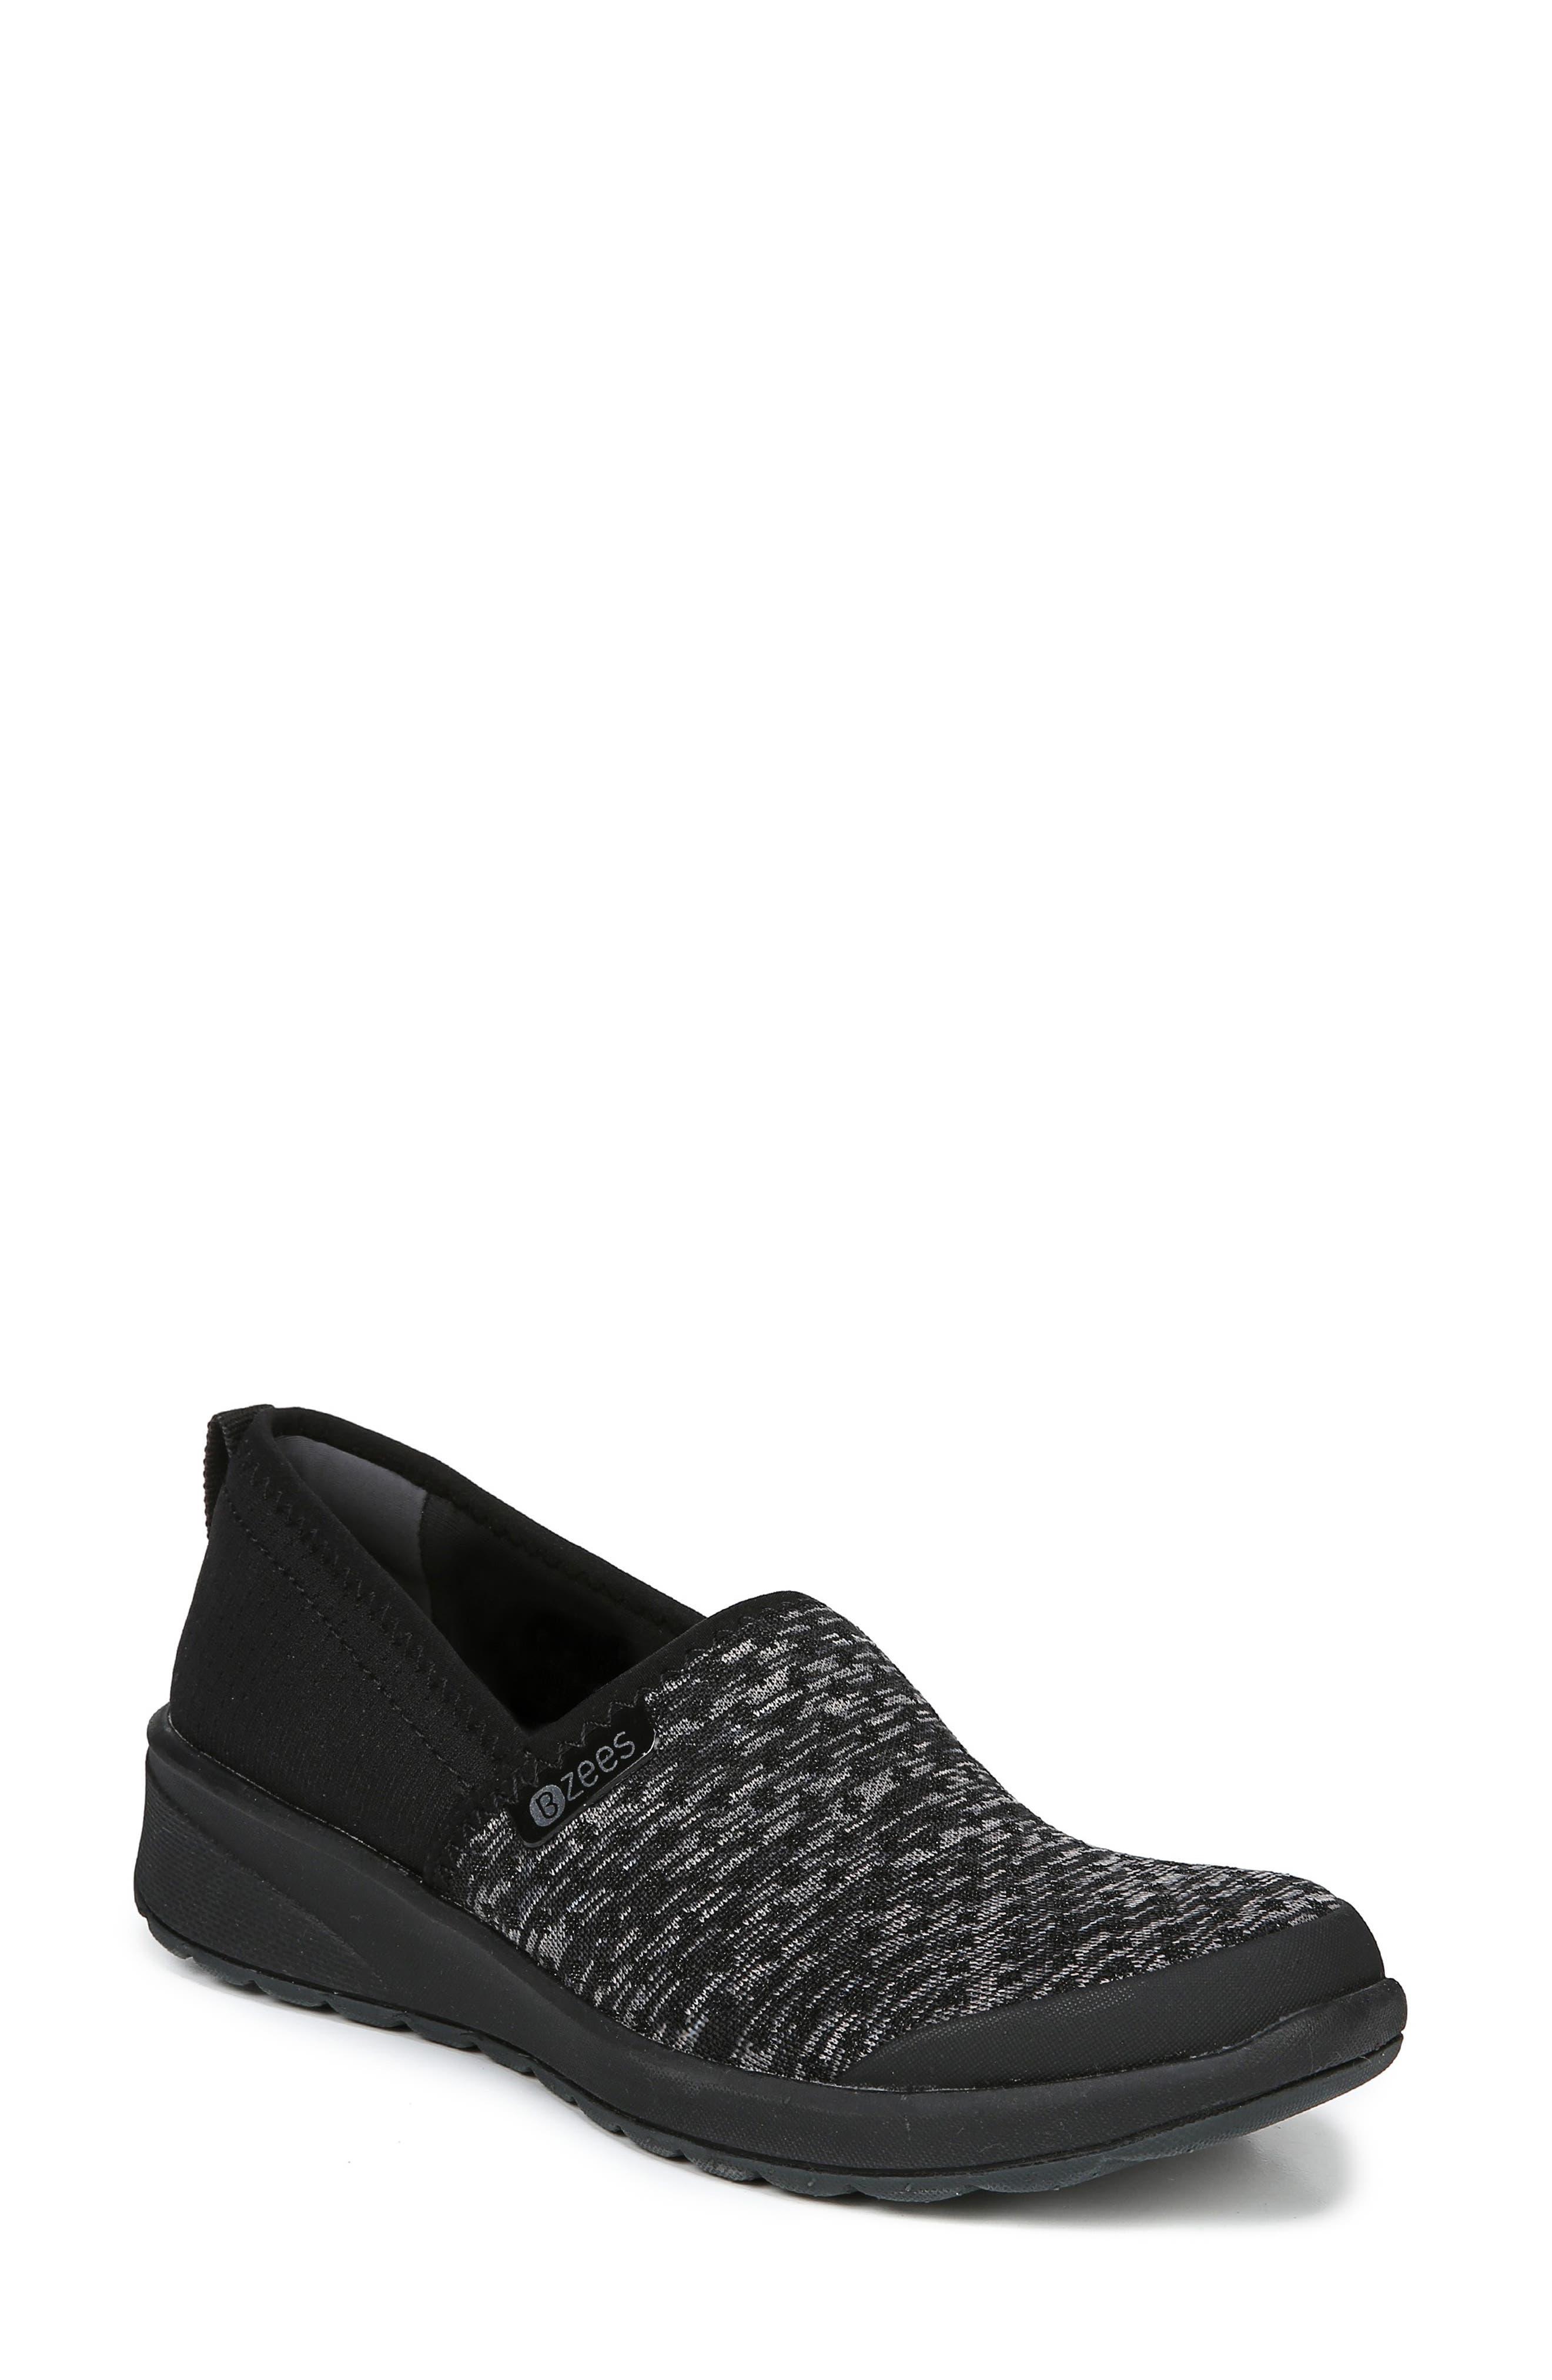 Bzees Glee Slip-On Sneaker- Black